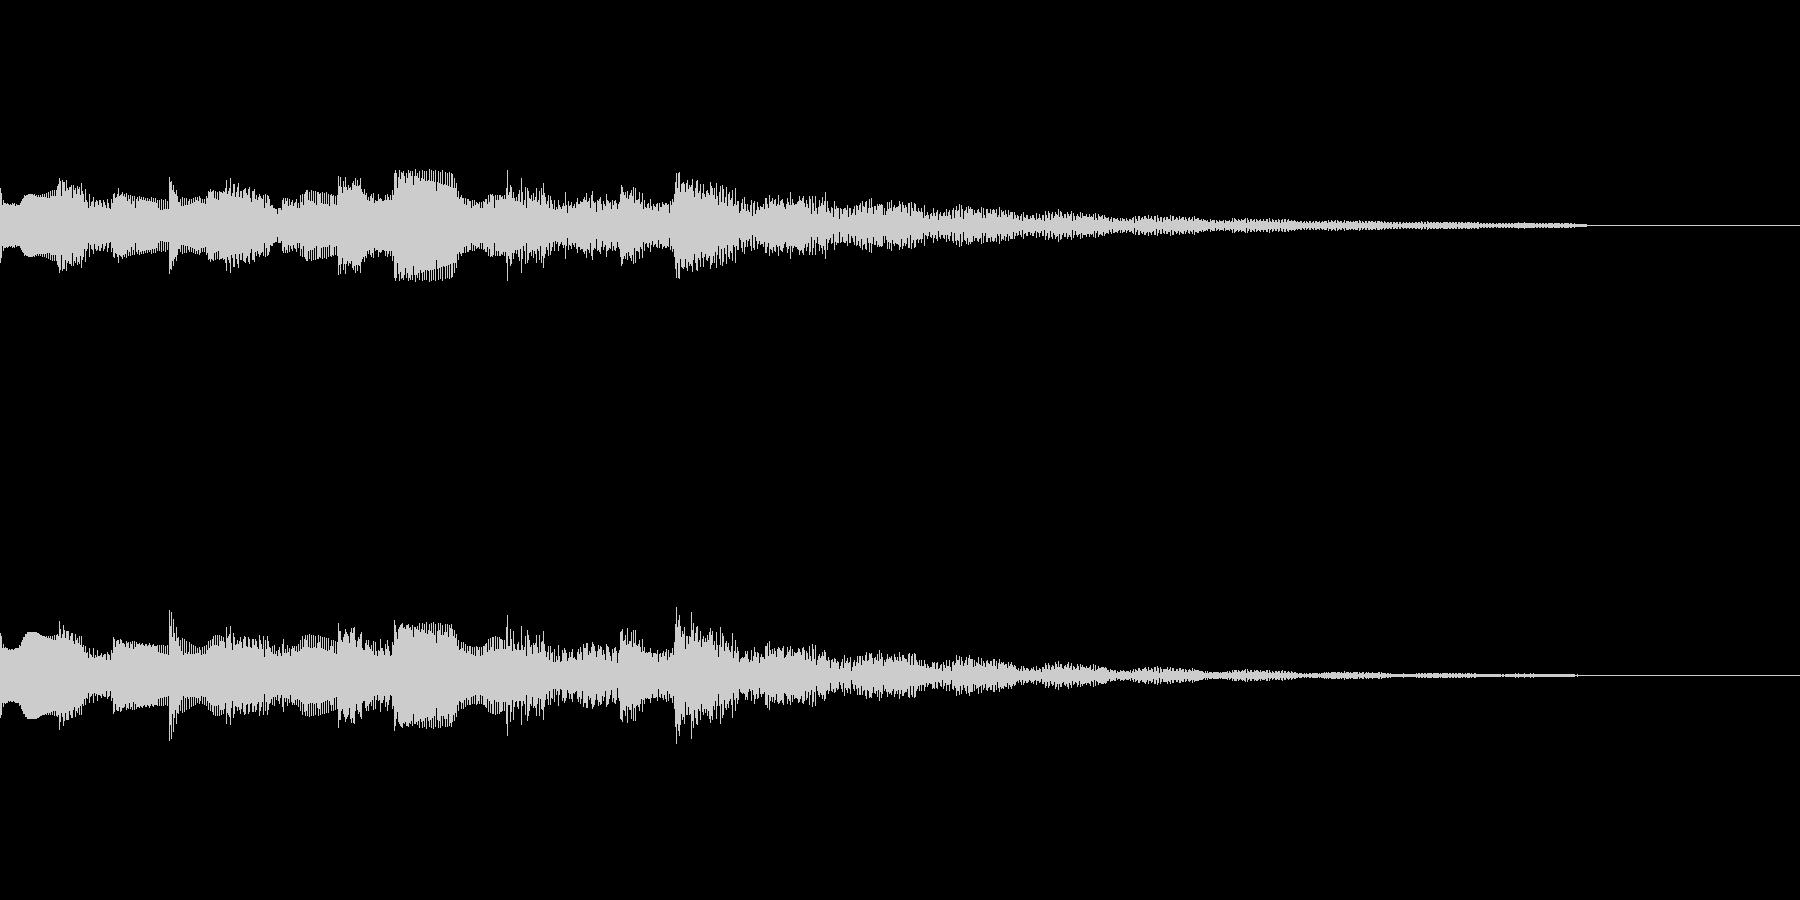 エレキピアノによるドロドロとしたジングルの未再生の波形